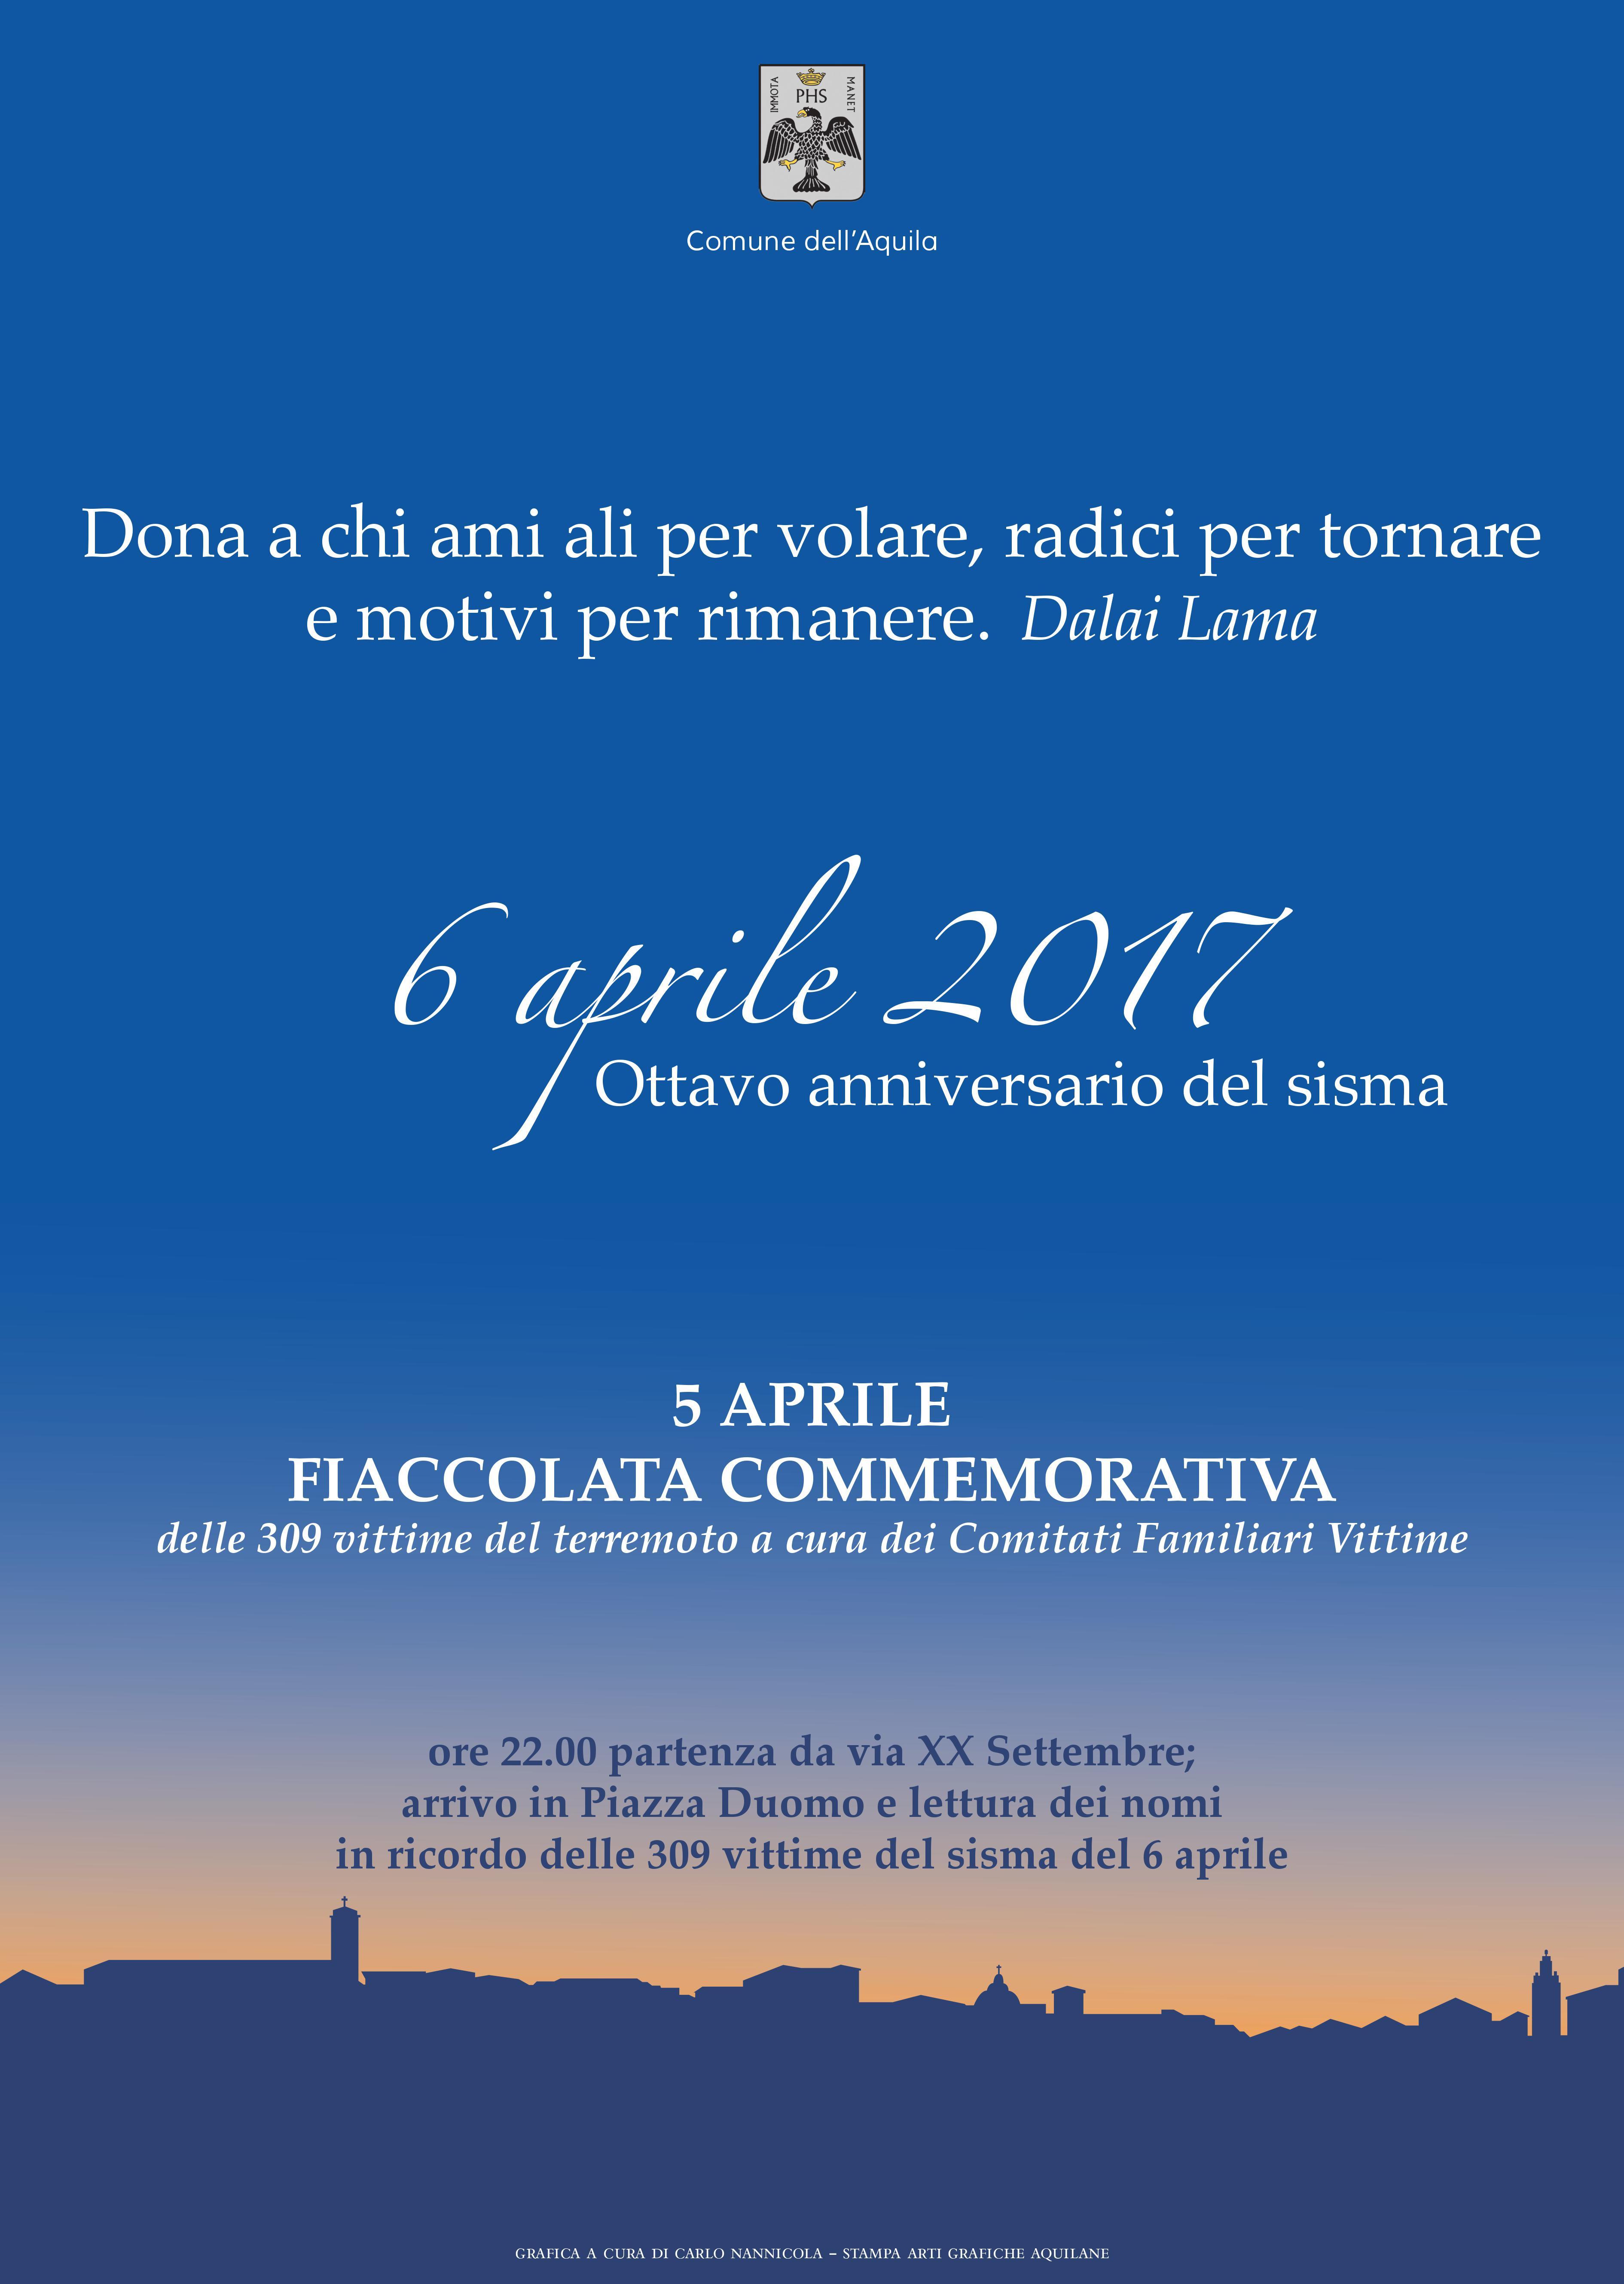 ottavo anniversario sisma locandina